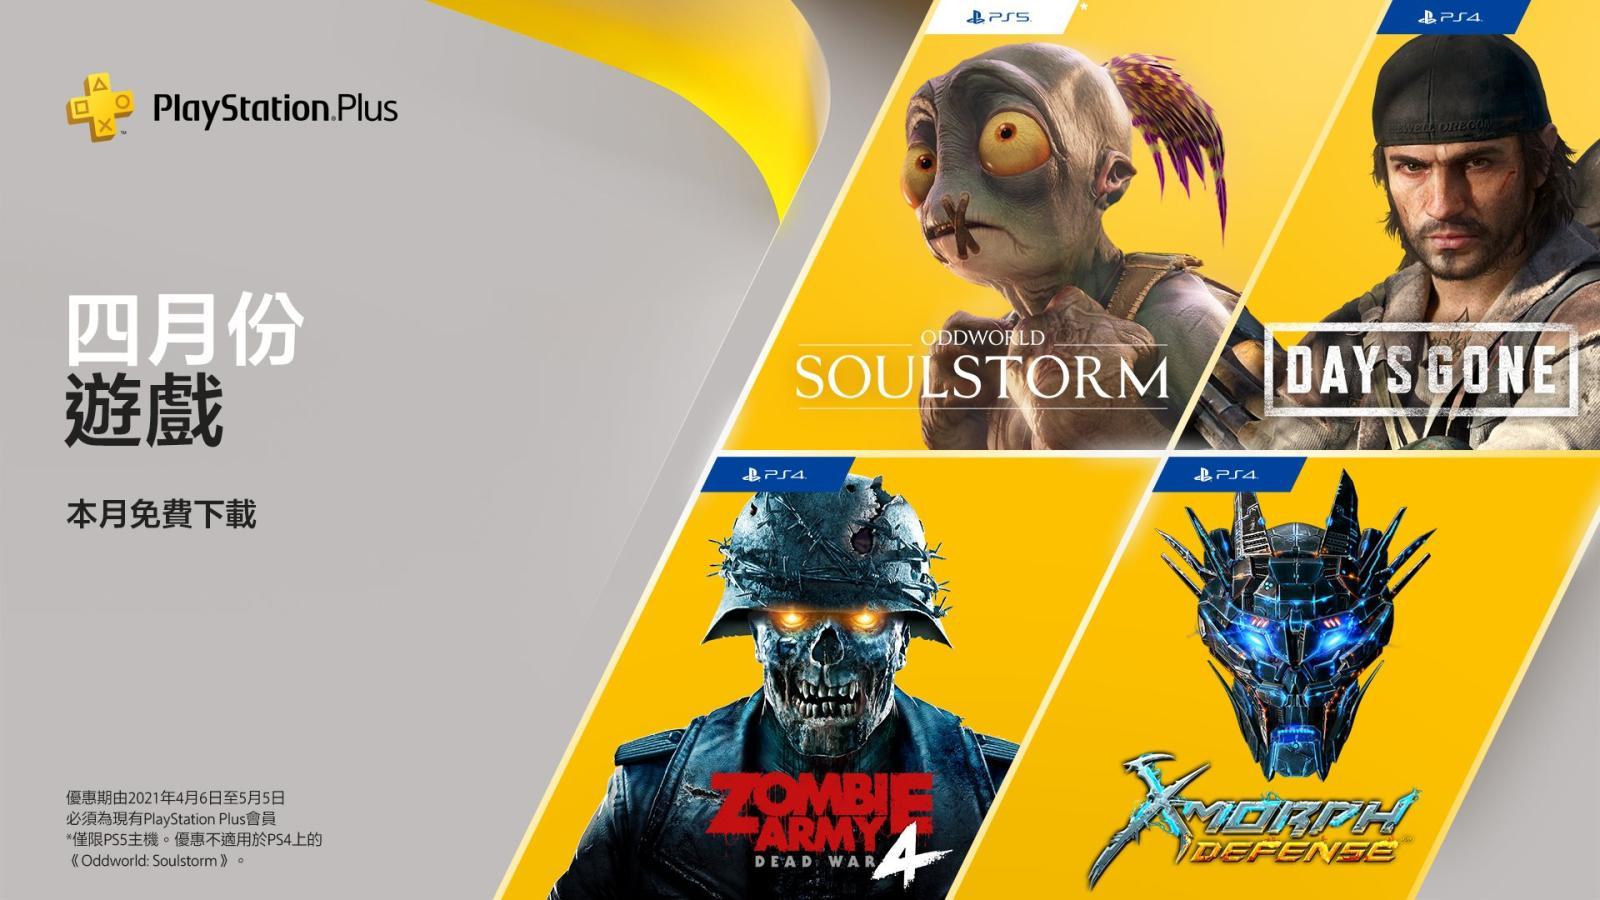 含《往日不再》:索尼公布PlayStation Plus4月会免游戏